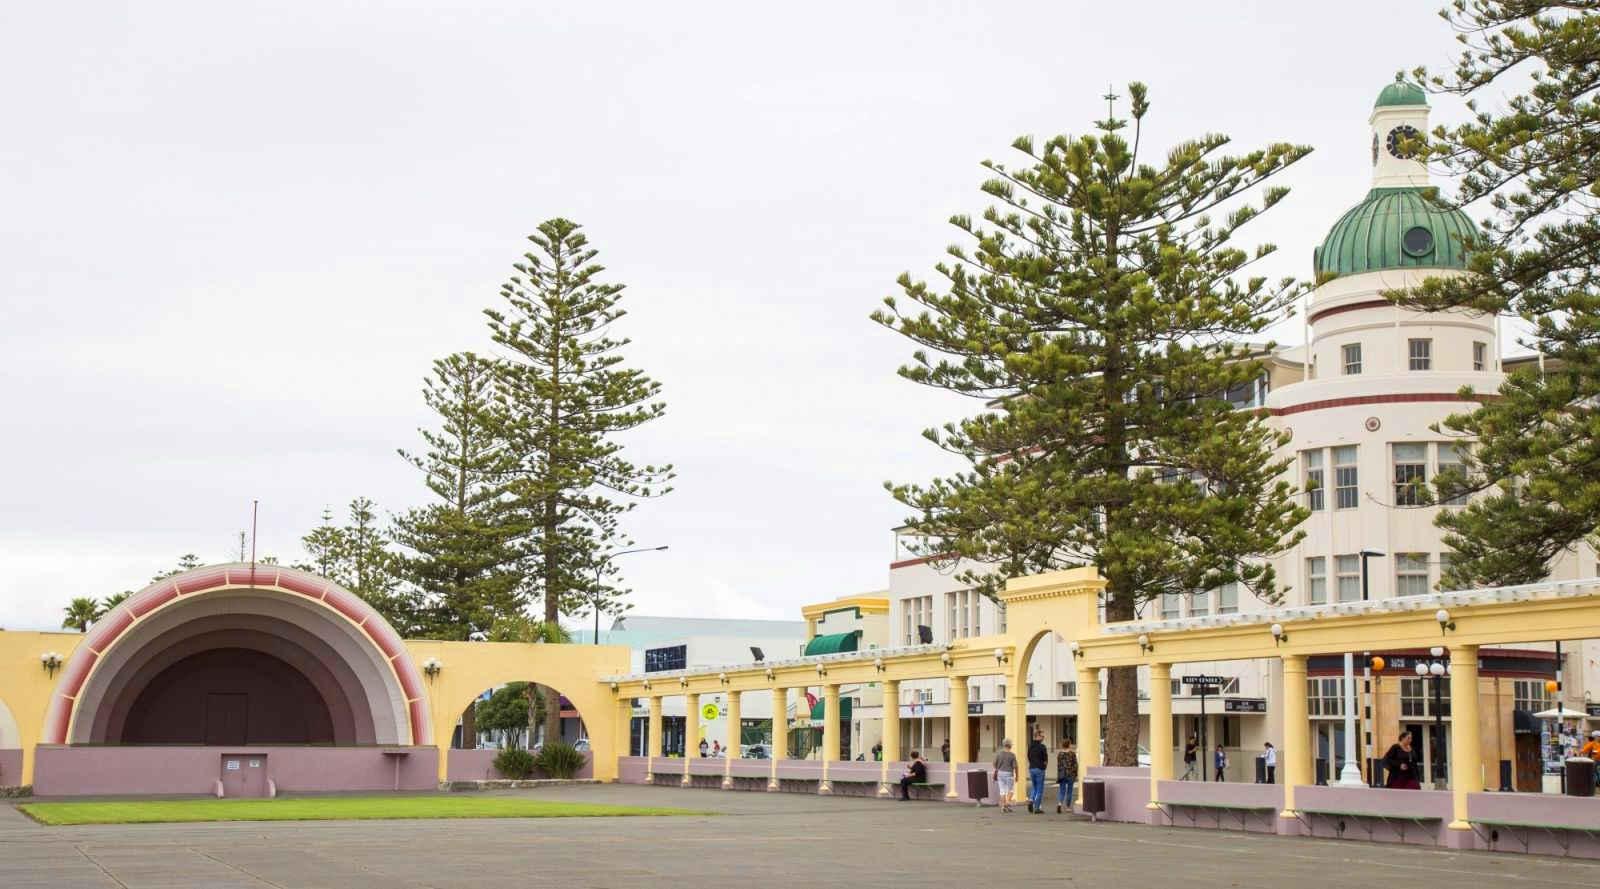 Soundshell public pavilion @The west Australian